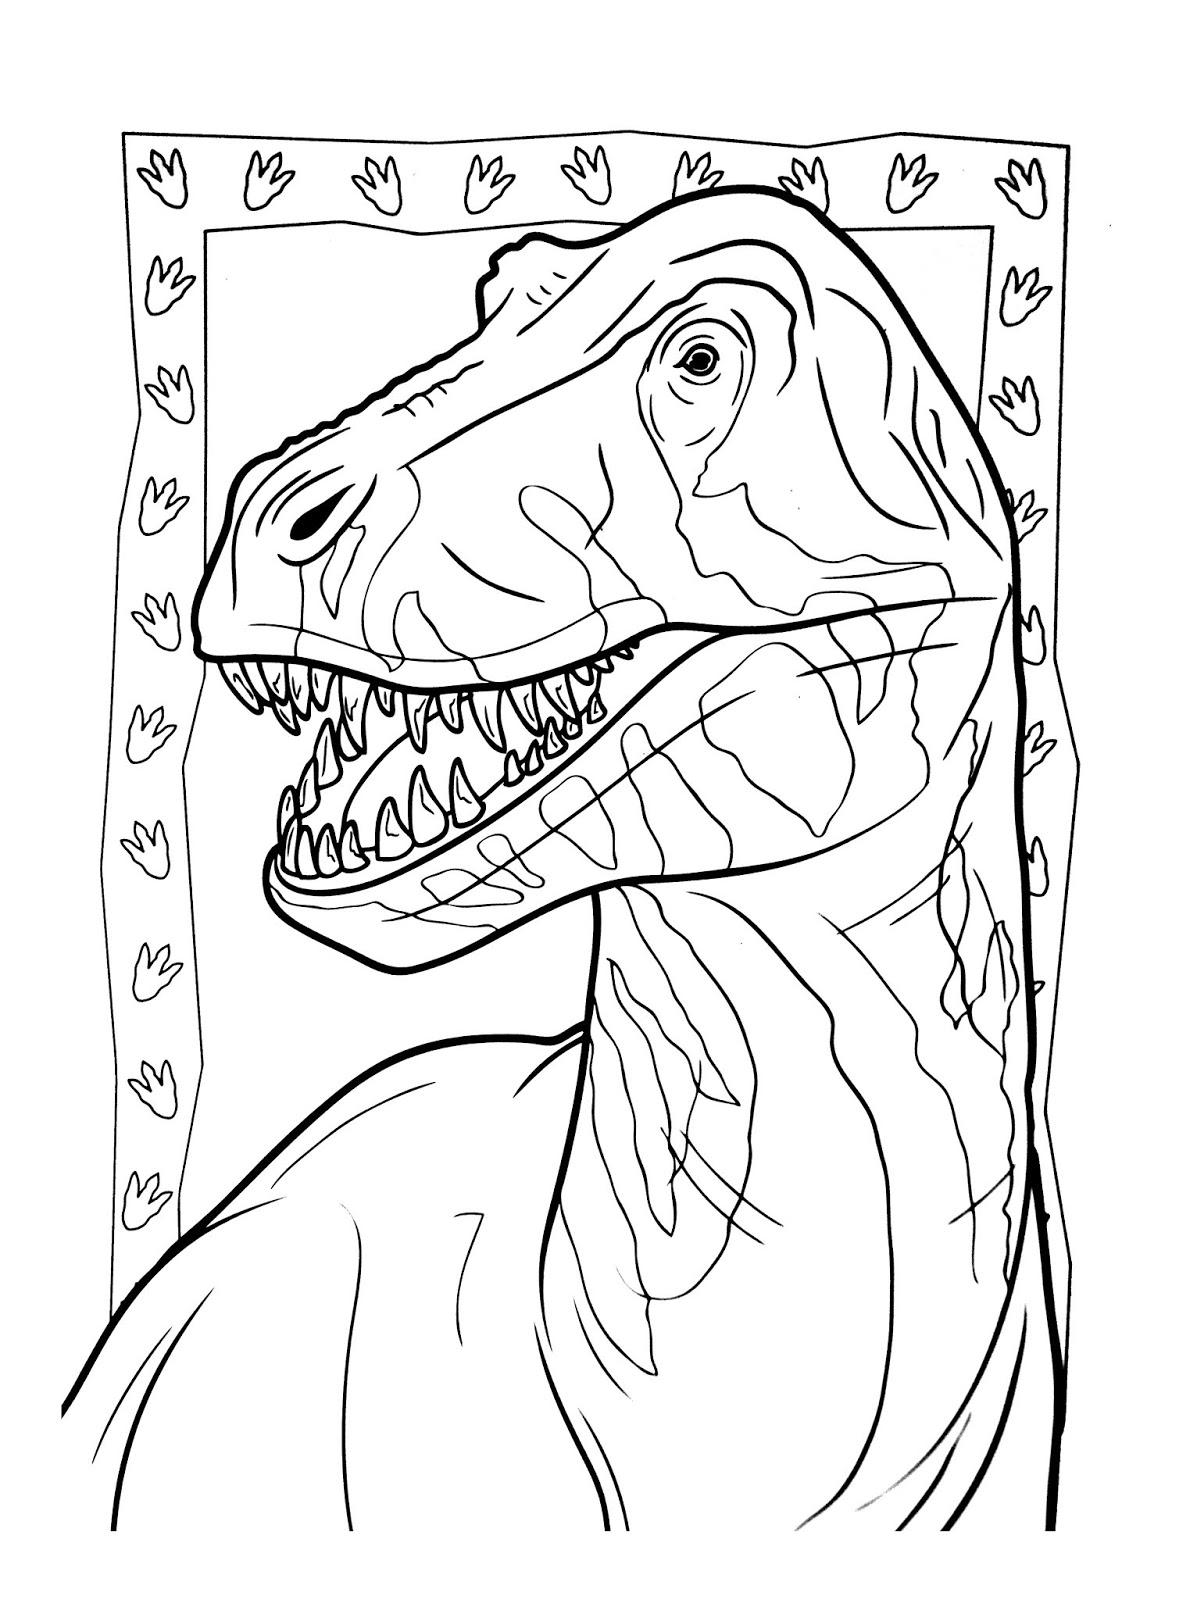 Tranh tô màu chân dung khủng long ăn thịt